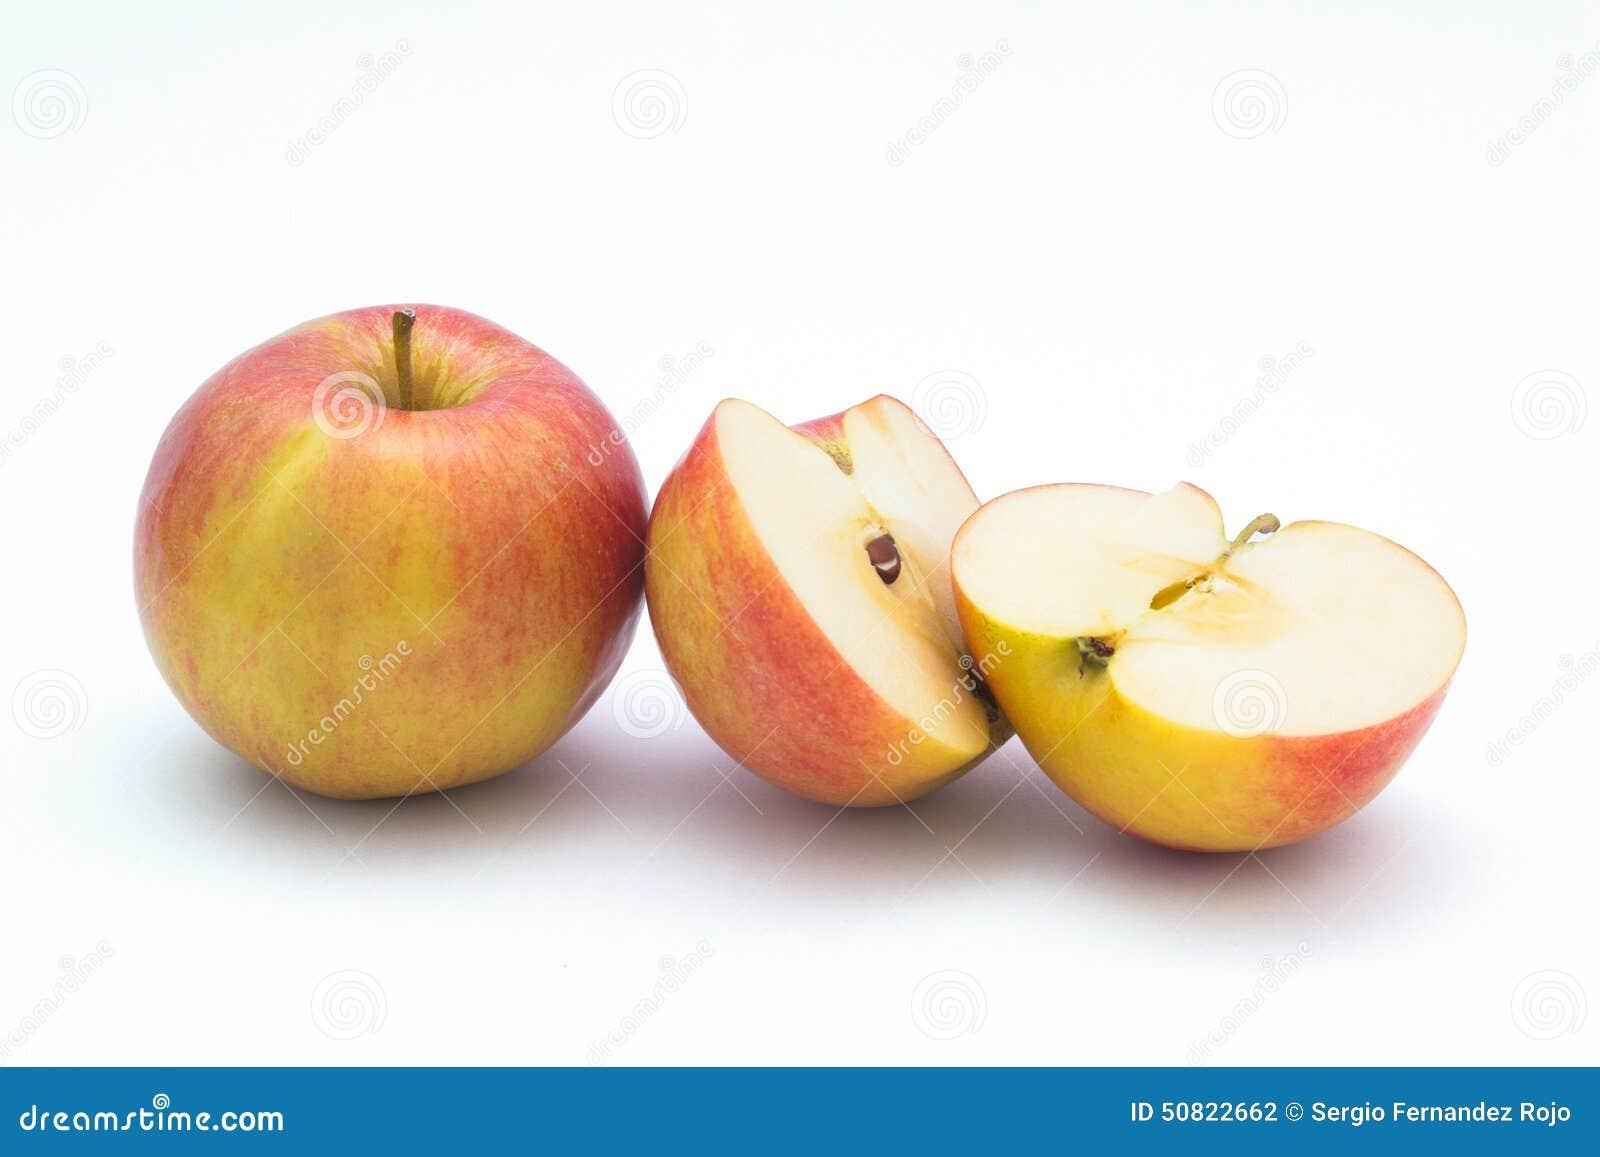 Apple schnitt beinahe ein